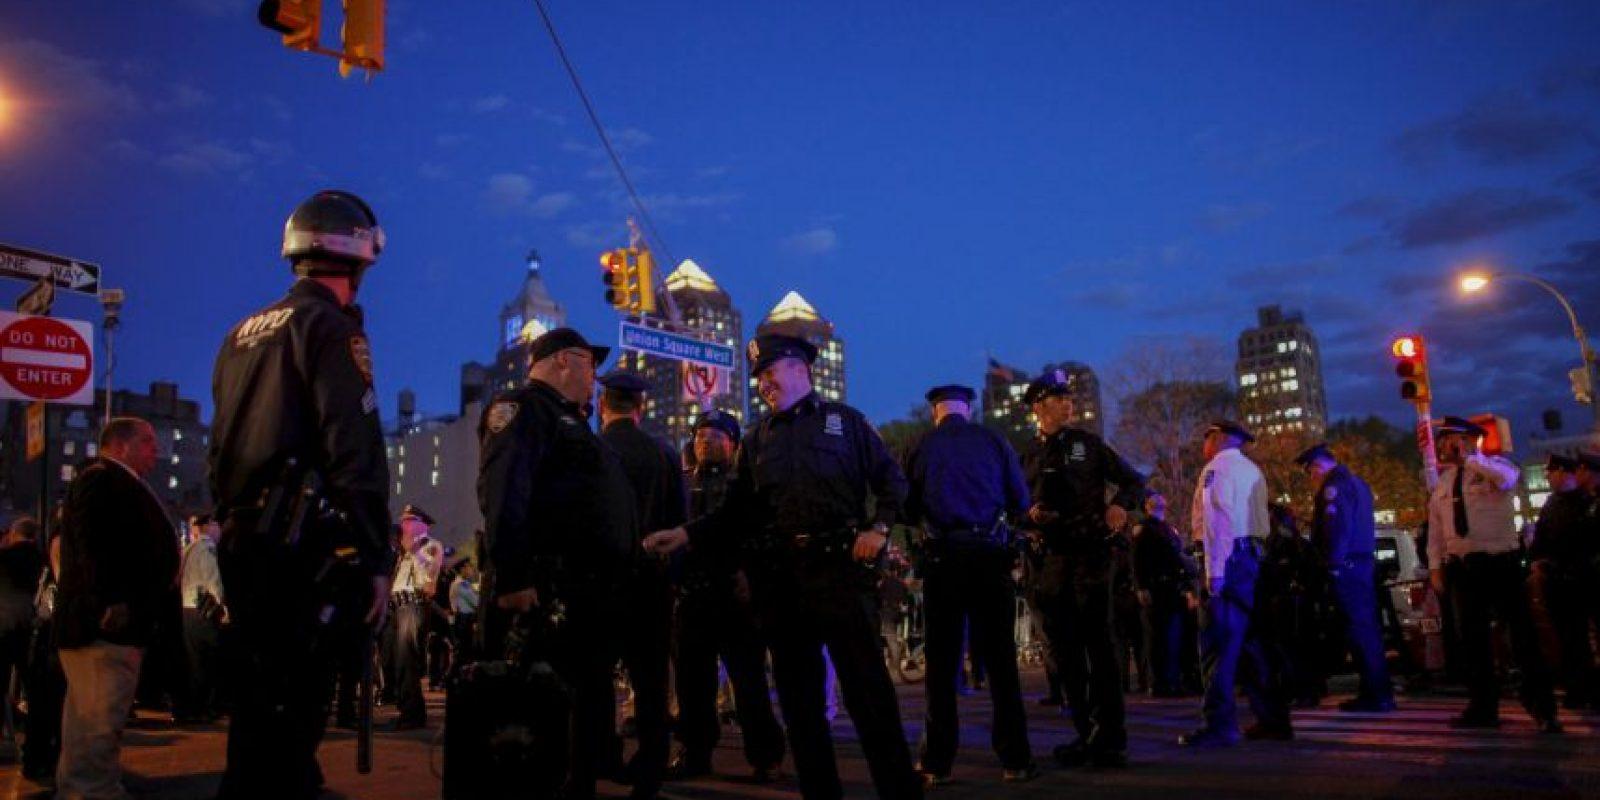 Los manifestantes querían romper el cordón policial montado en torno a la plaza de la concentración. Foto:Getty Images